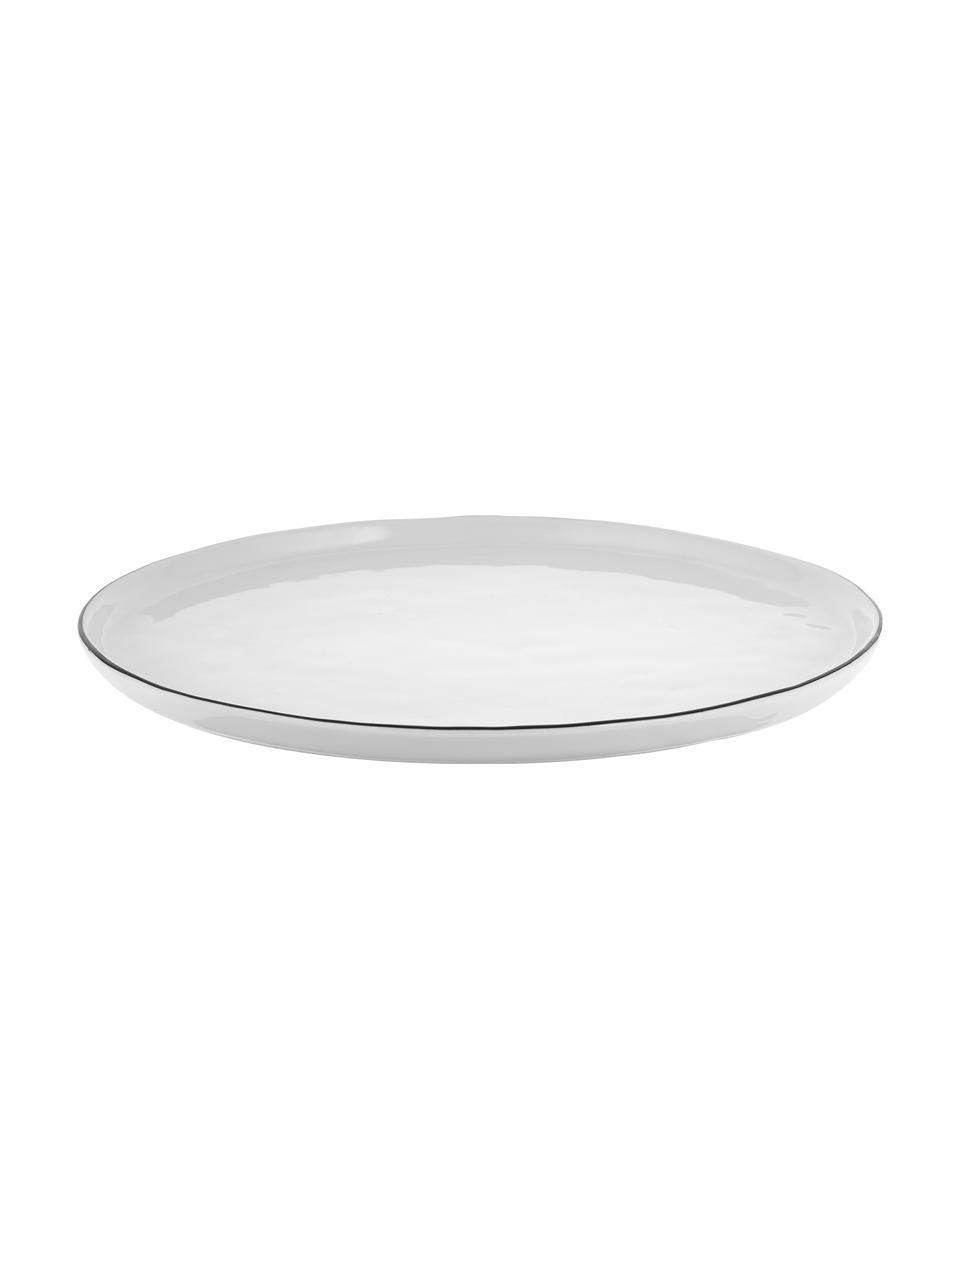 Handgemachte Speiseteller Salt mit schwarzem Rand, 4 Stück, Porzellan, Gebrochenes Weiss, Schwarz, Ø 28 cm